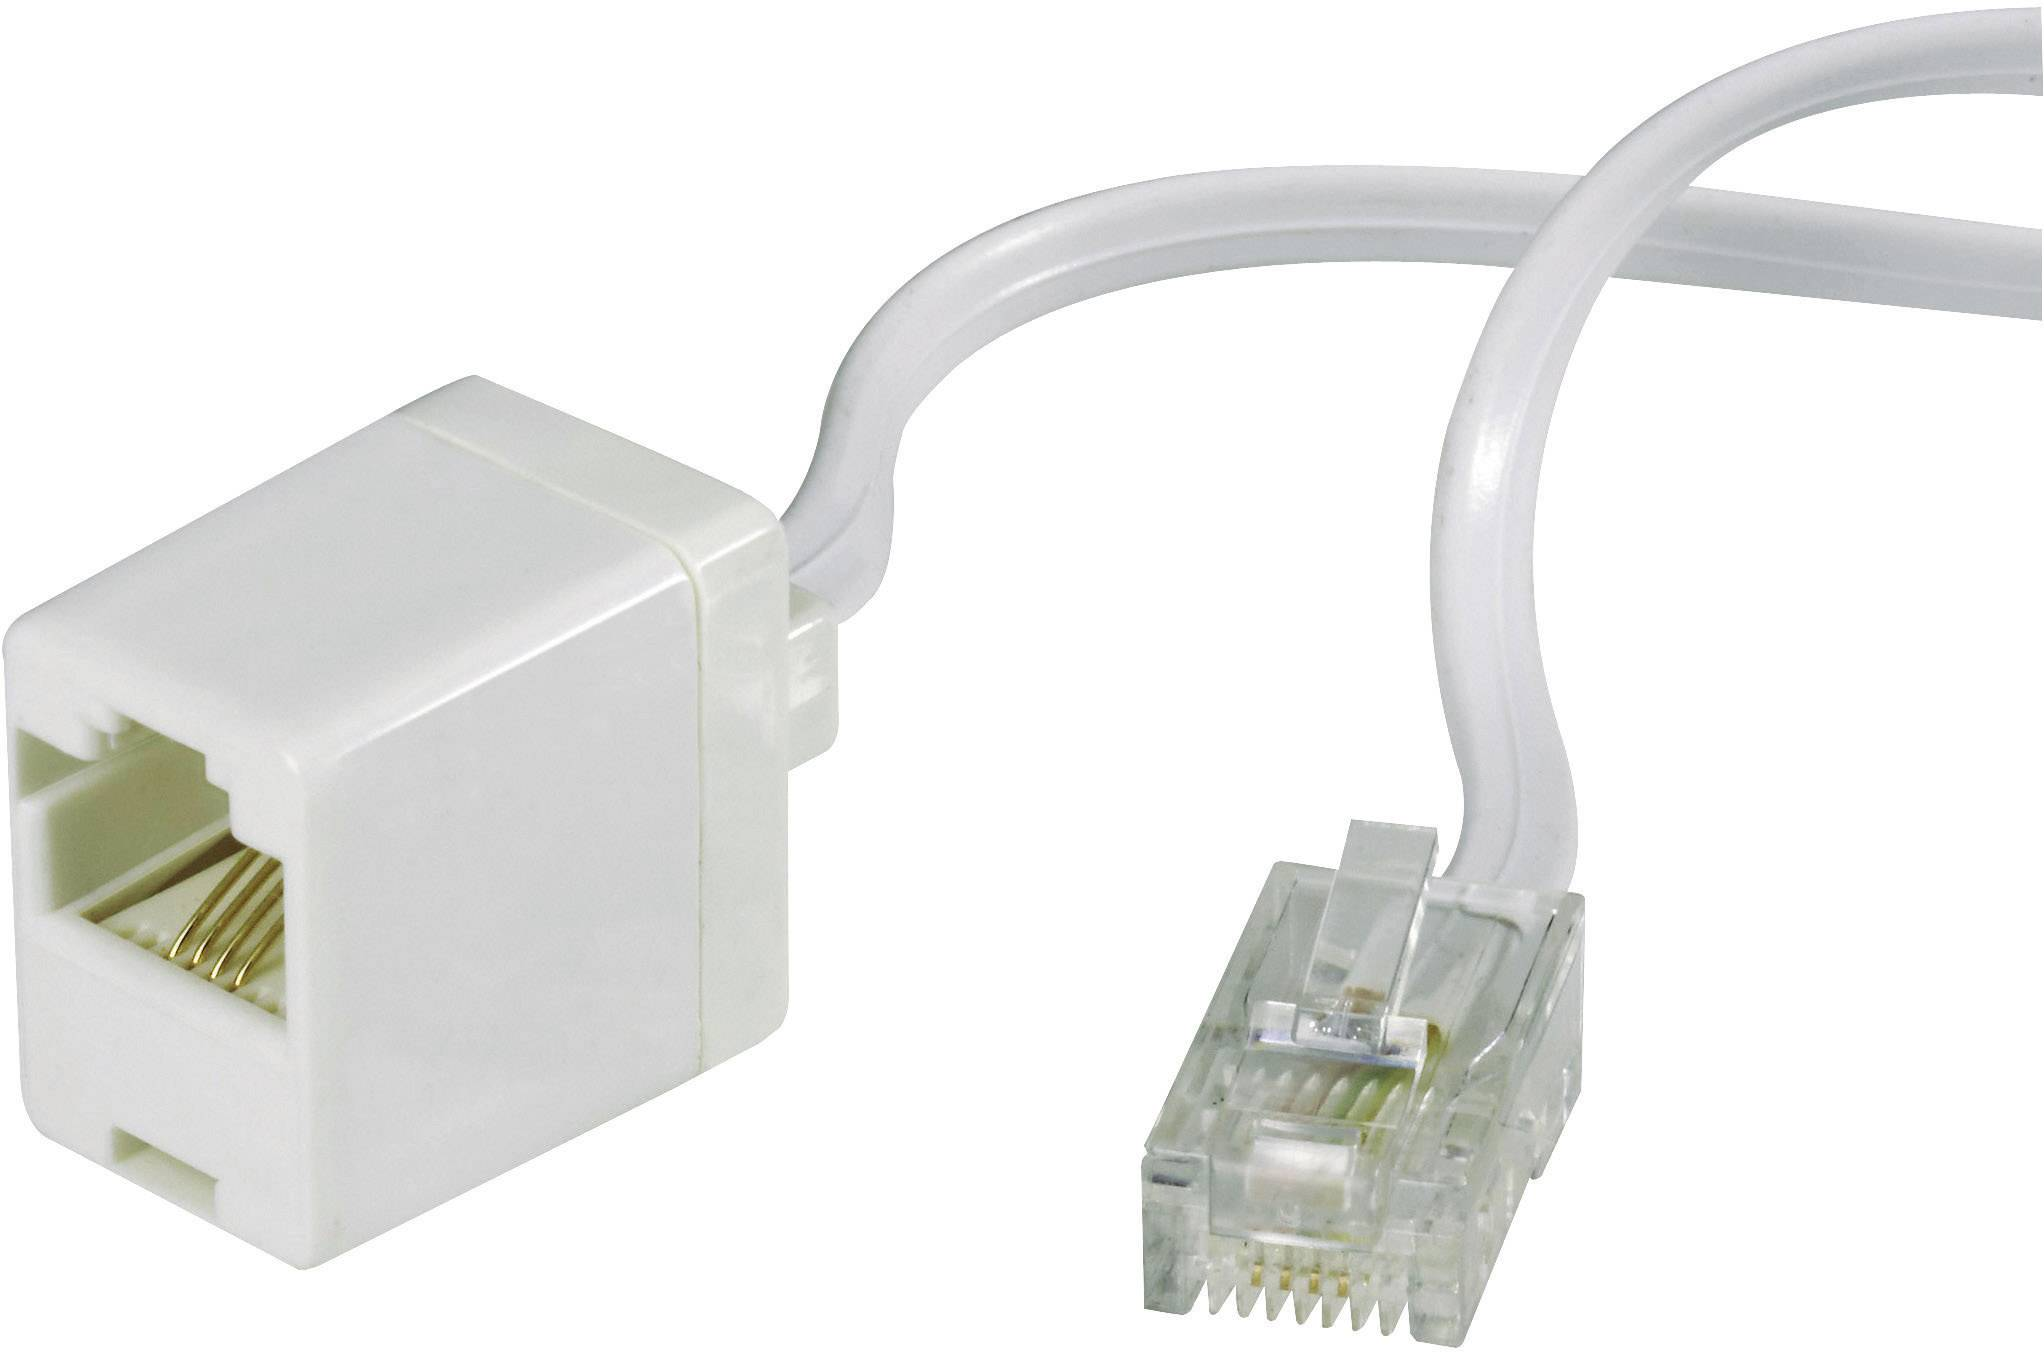 ISDN predlžovací kábel 922625, [1x RJ45 zástrčka 8p4c - 1x RJ45 zásvuka 8p4c], 3 m, biela